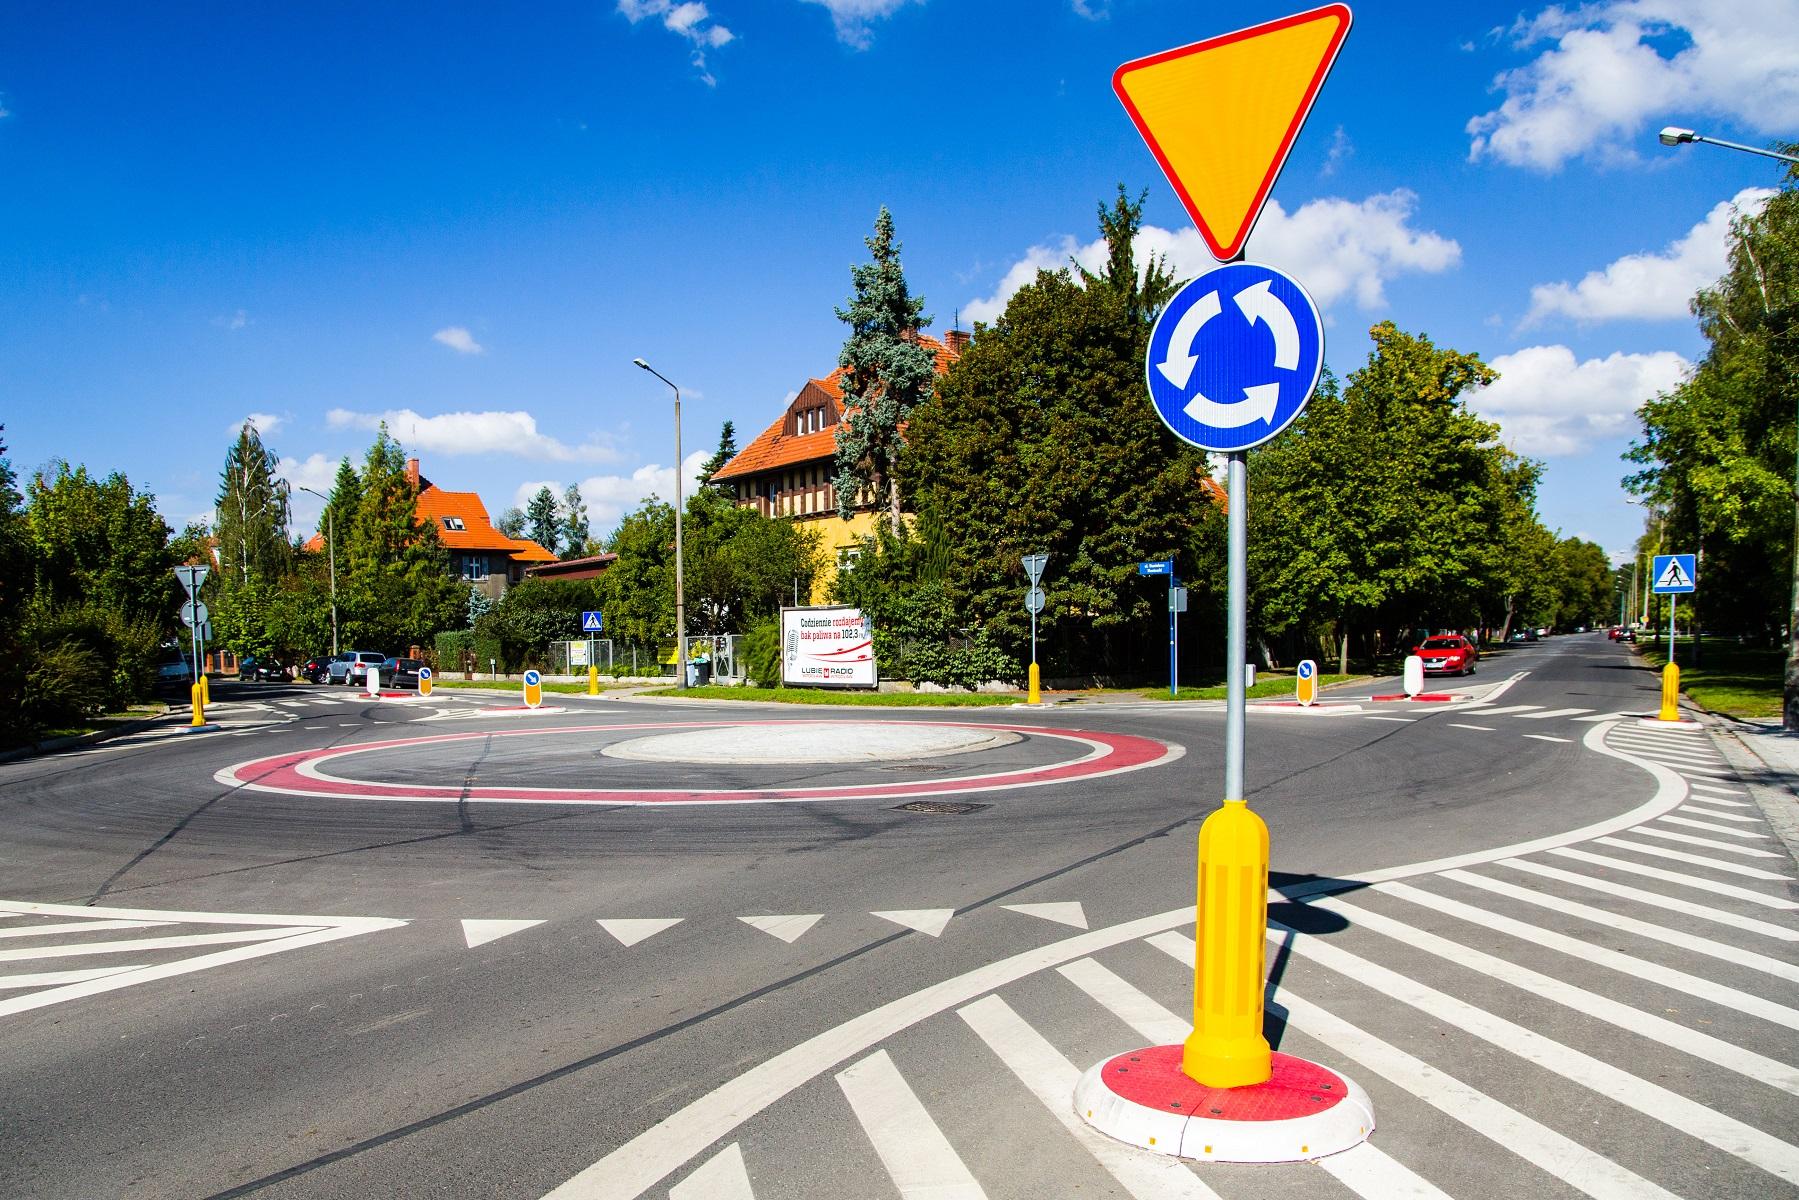 oznakowanie ronda, znaki drogowe oraz azyle